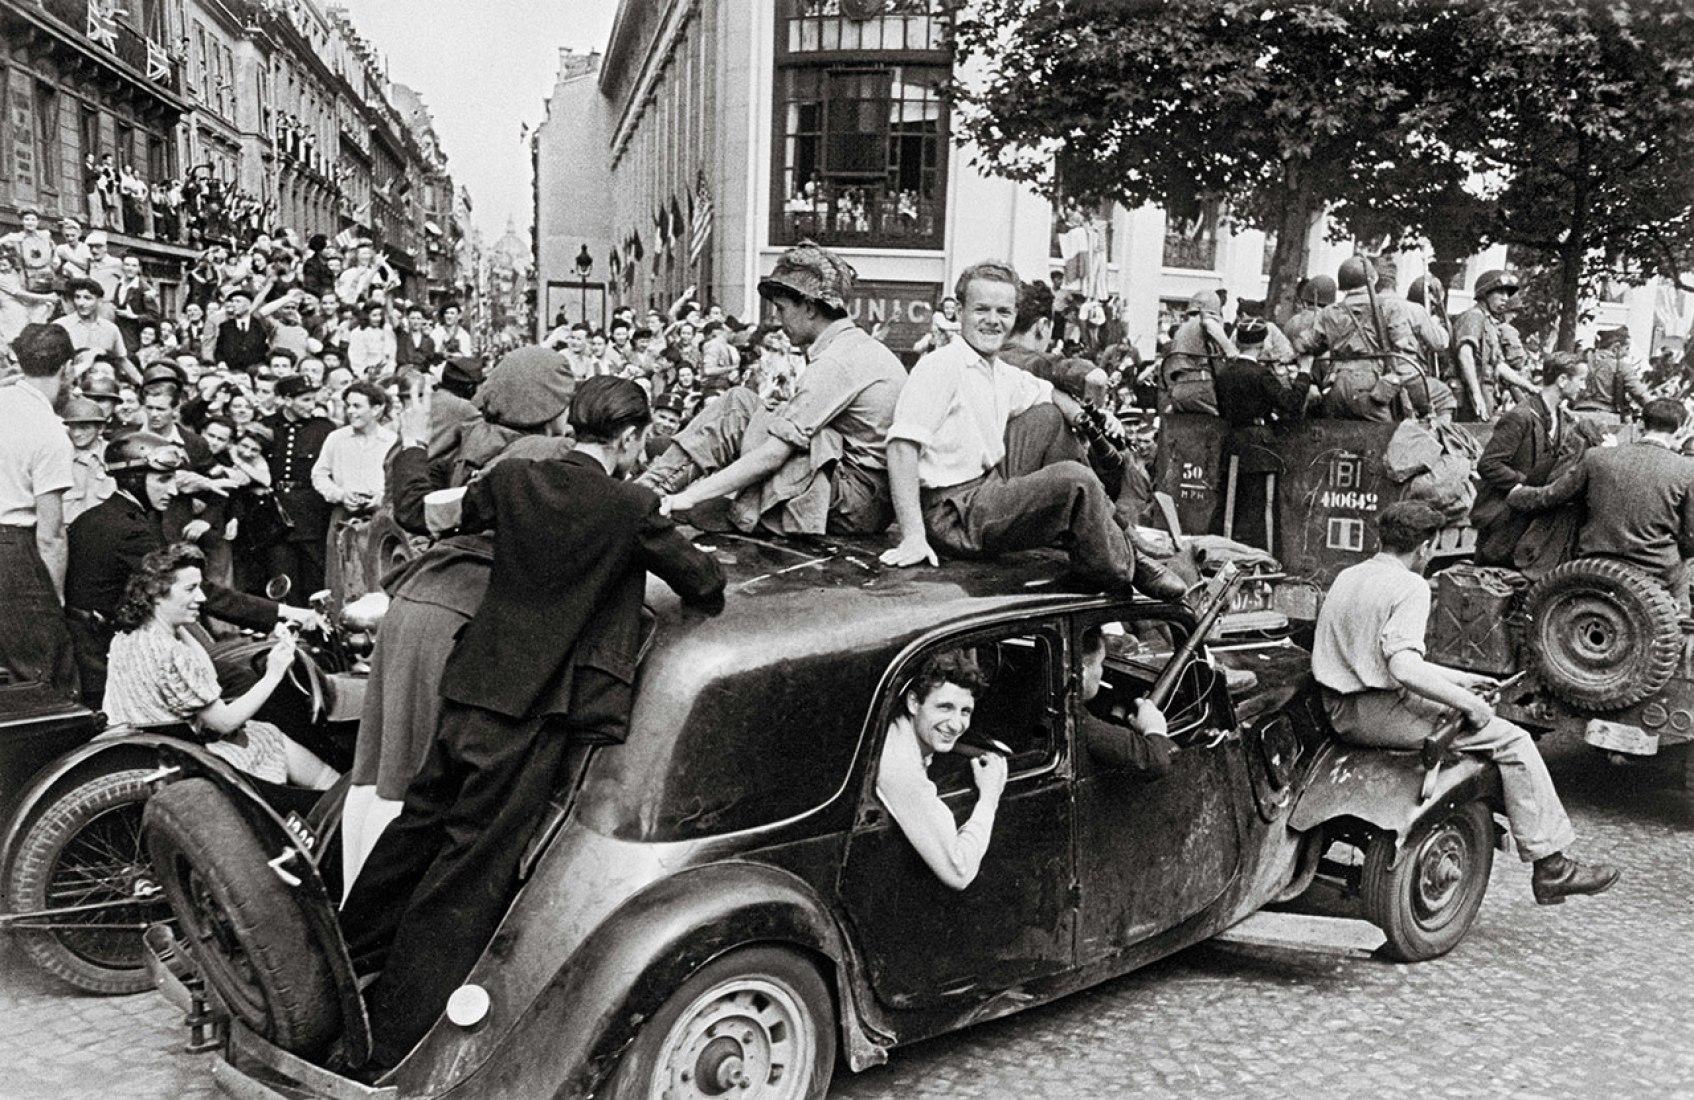 La alegría de la victoria, 26 de agosto de 1944 por Robert Capa. Fotografía © Robert Capa/International Center of Photography, Magnum Photos. Cortesía de La Fábrica.